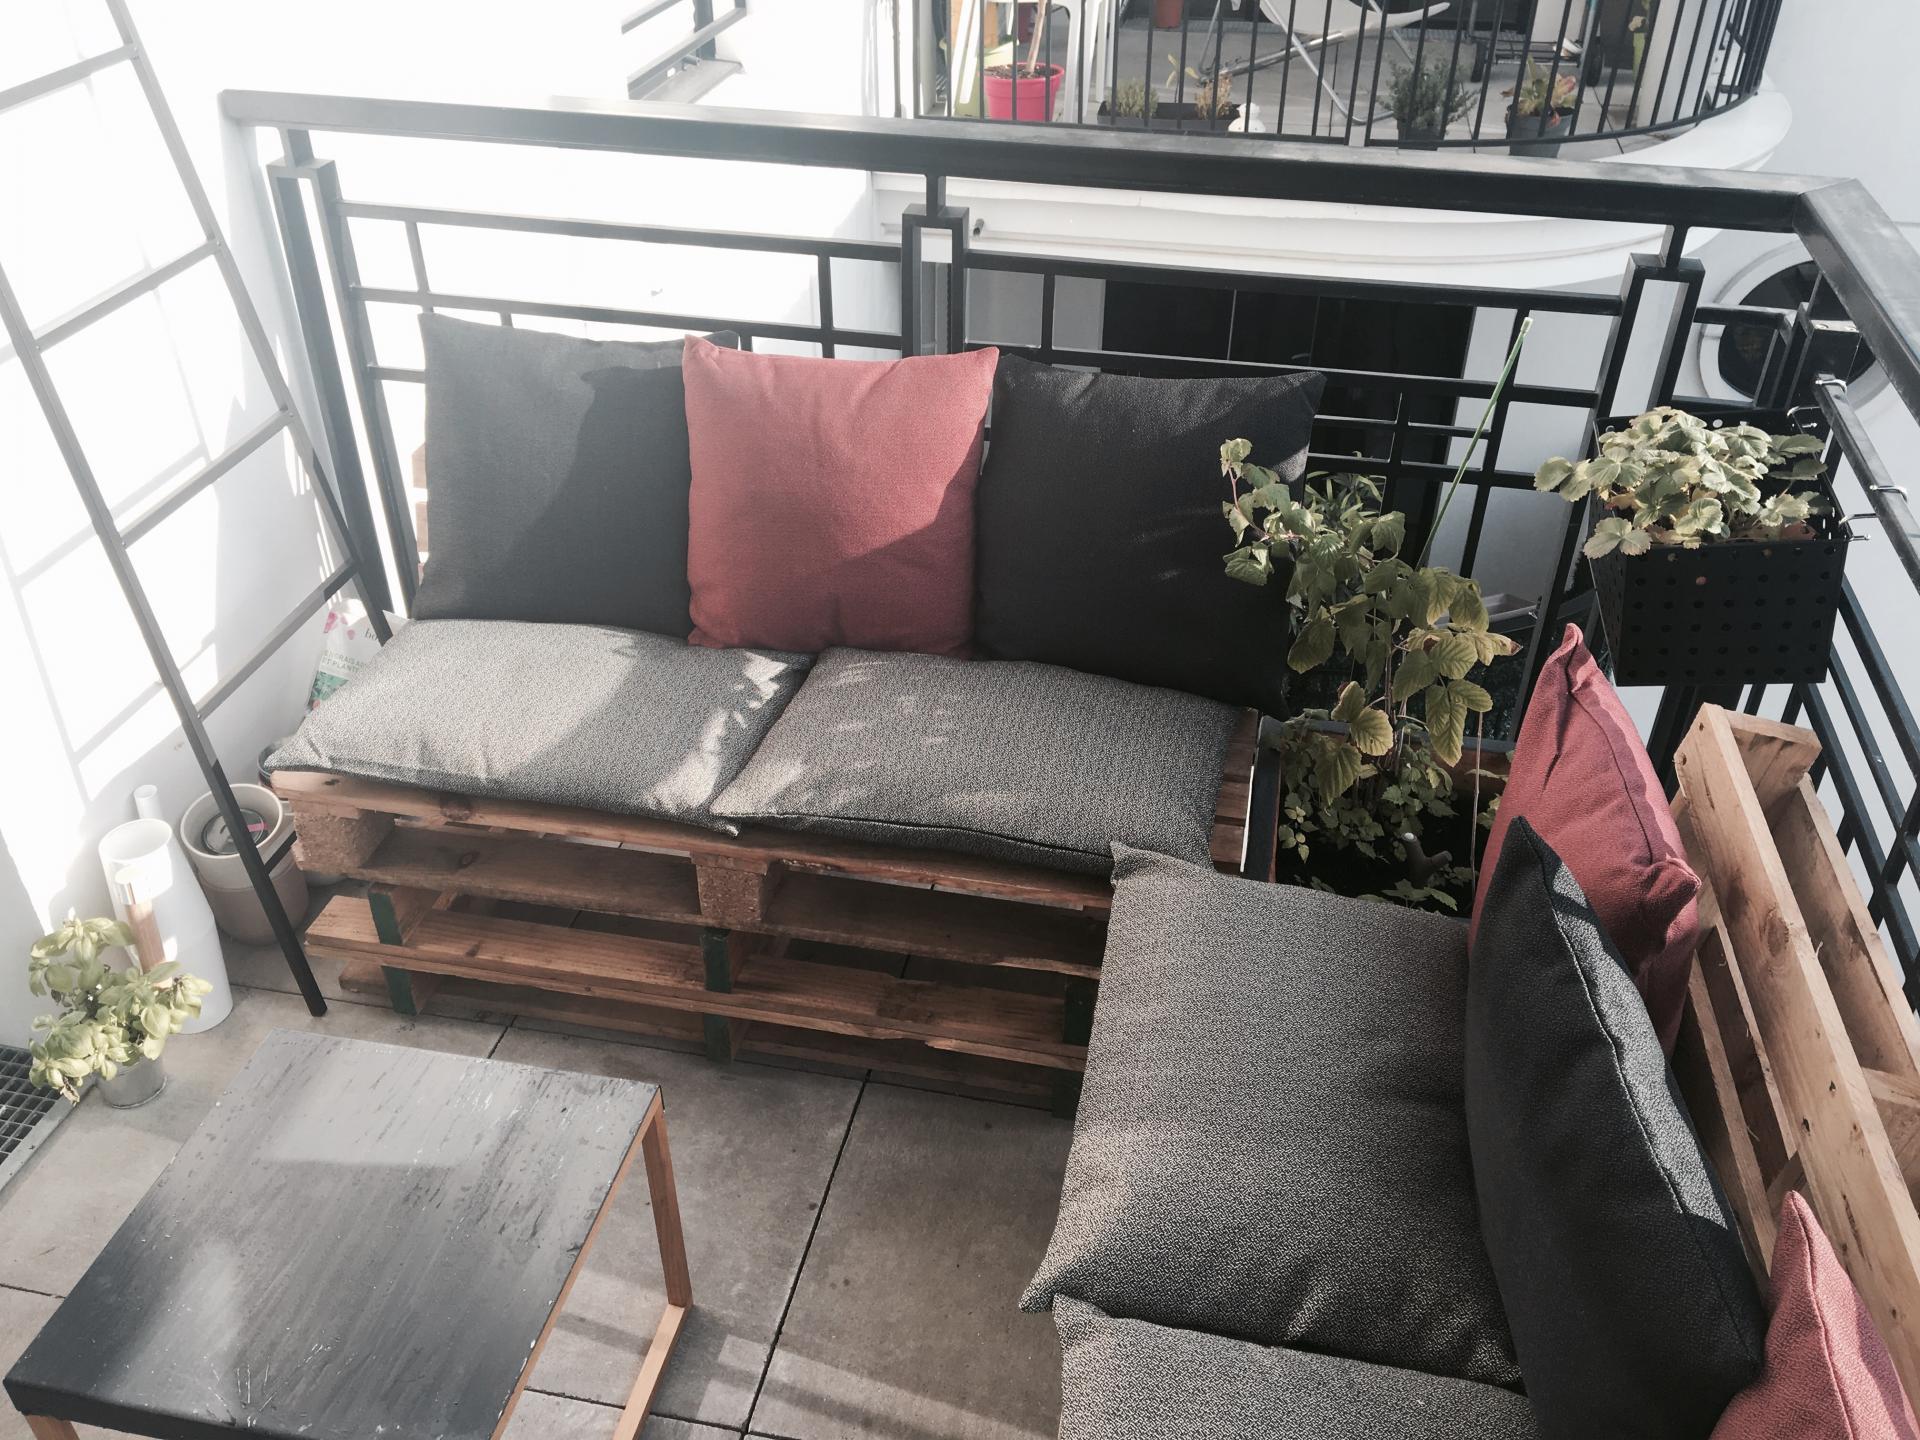 Idées déco pour aménager une terrasse - Sharefashion